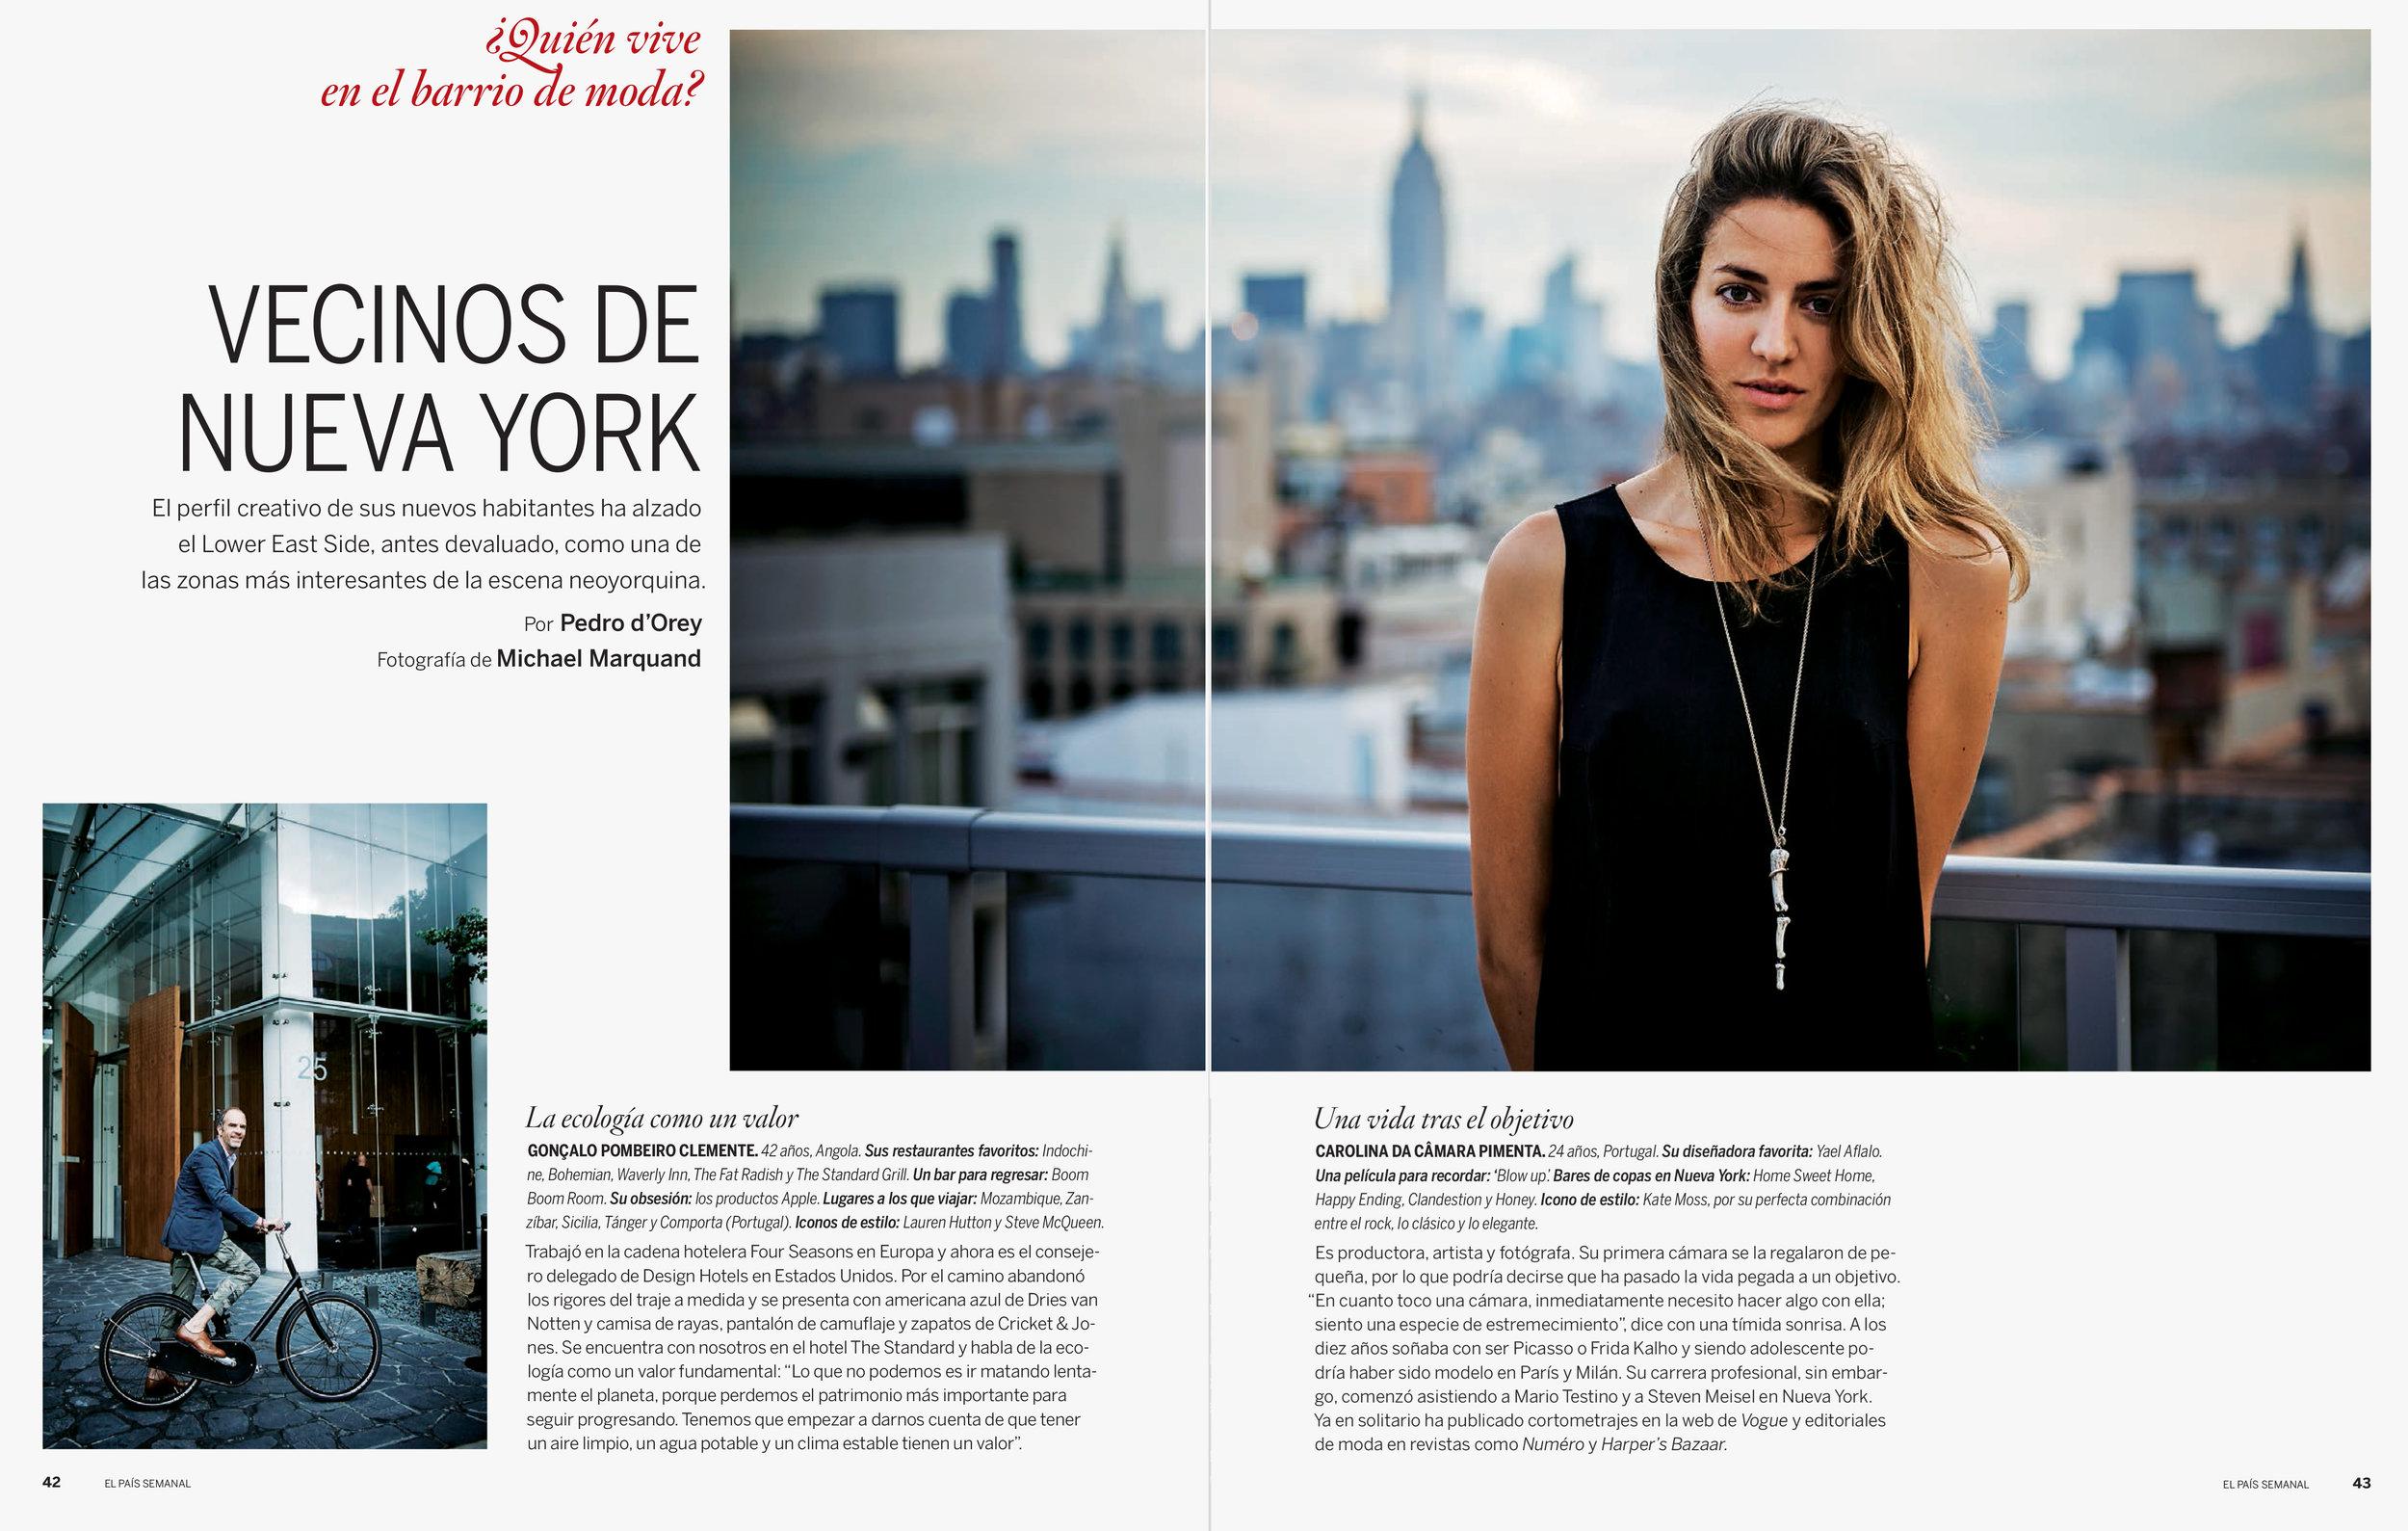 Vecinos de Nueva York, El Pais Semanal, 2012  Article in El Pais